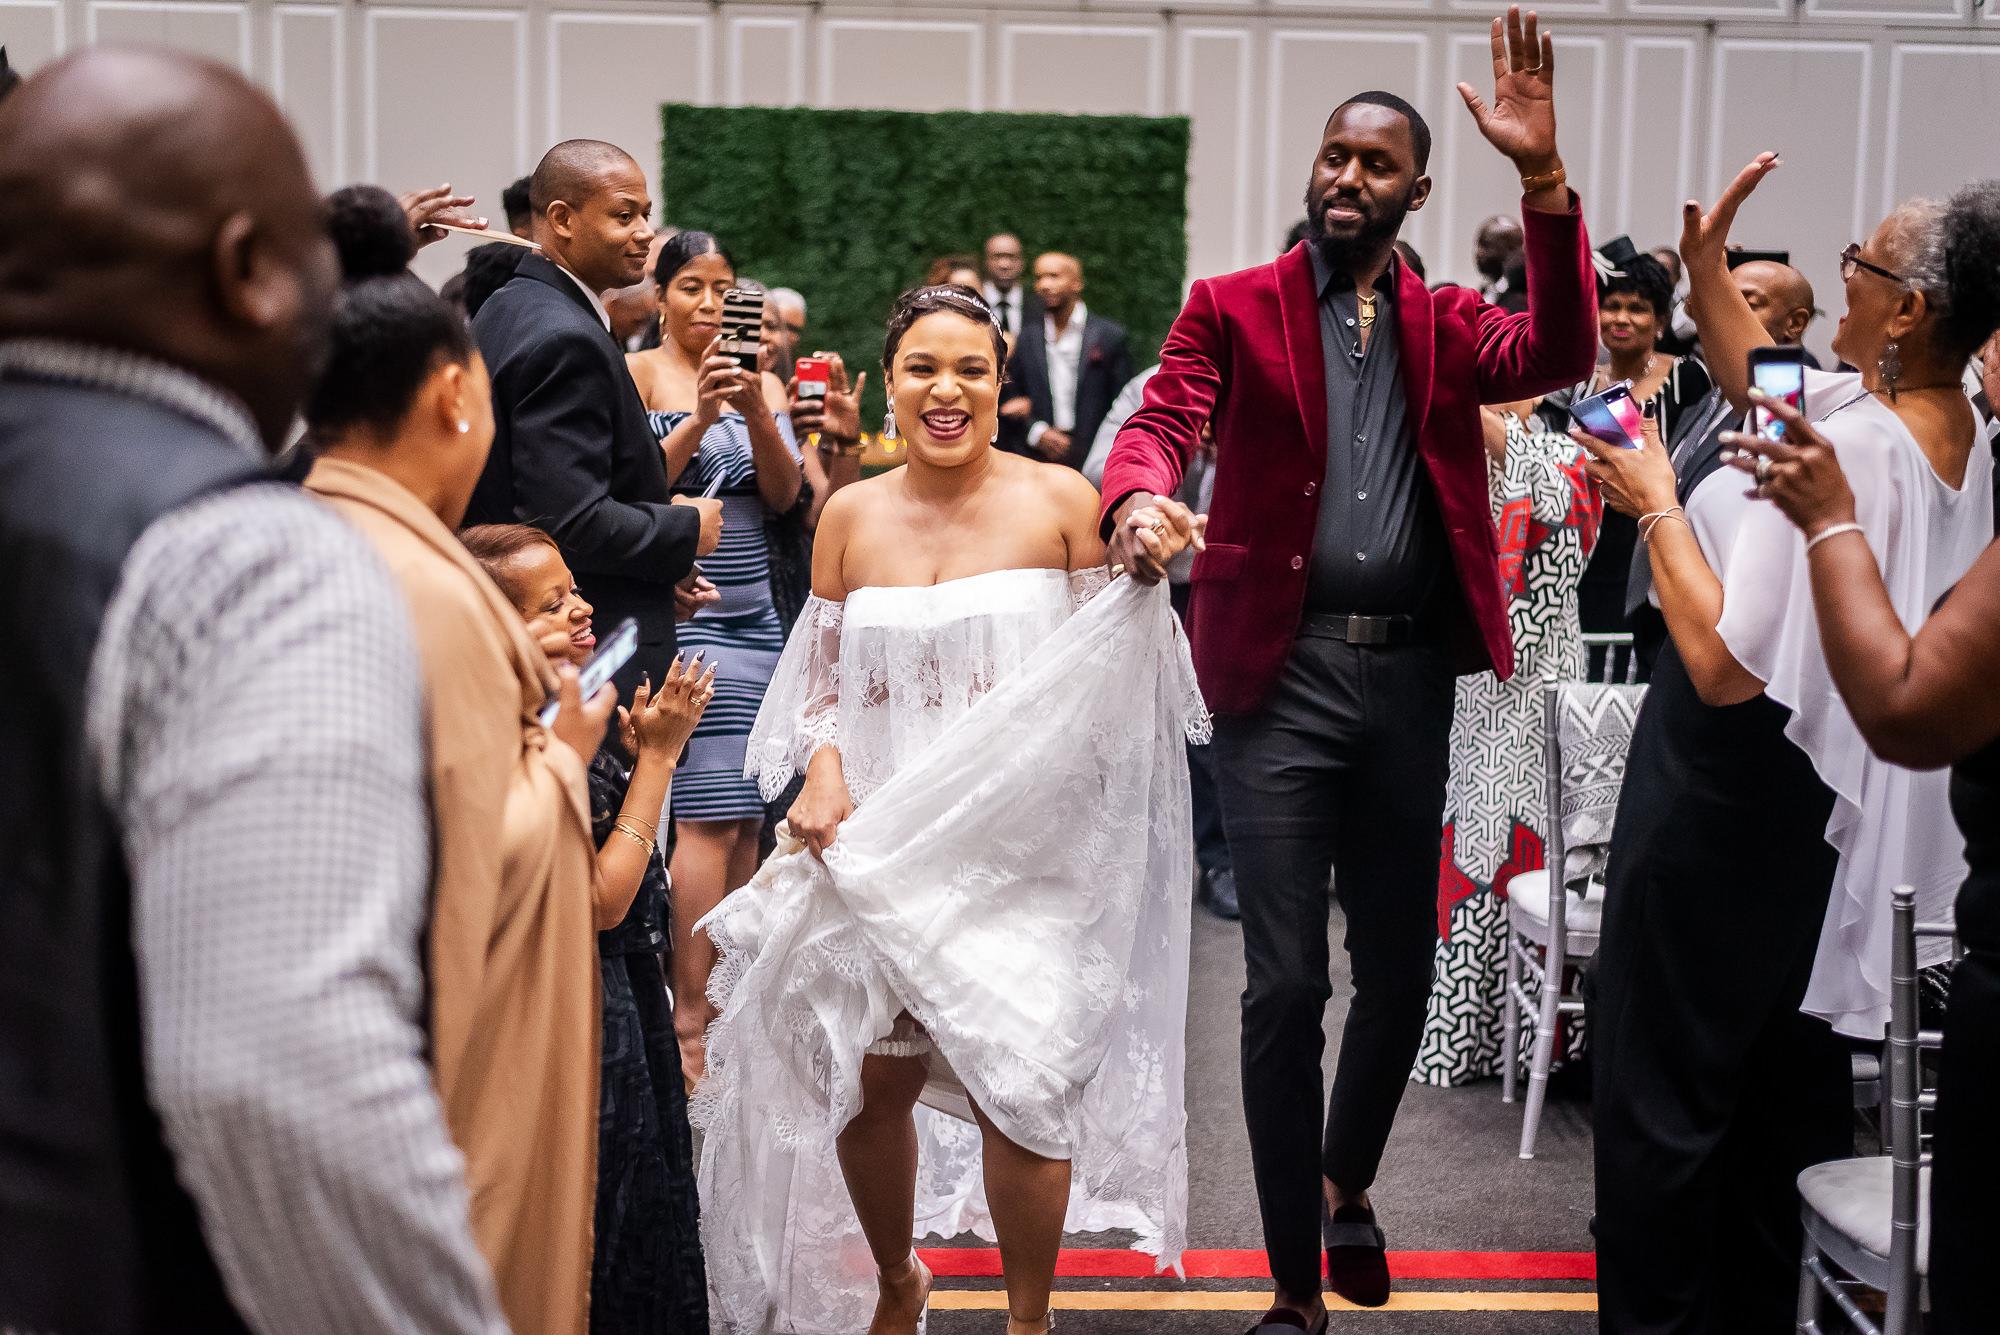 042-042-christopher-jason-studios-university-of-maryland-wedding-raheem-Devaughn-african-american-bride-and-groom.jpg